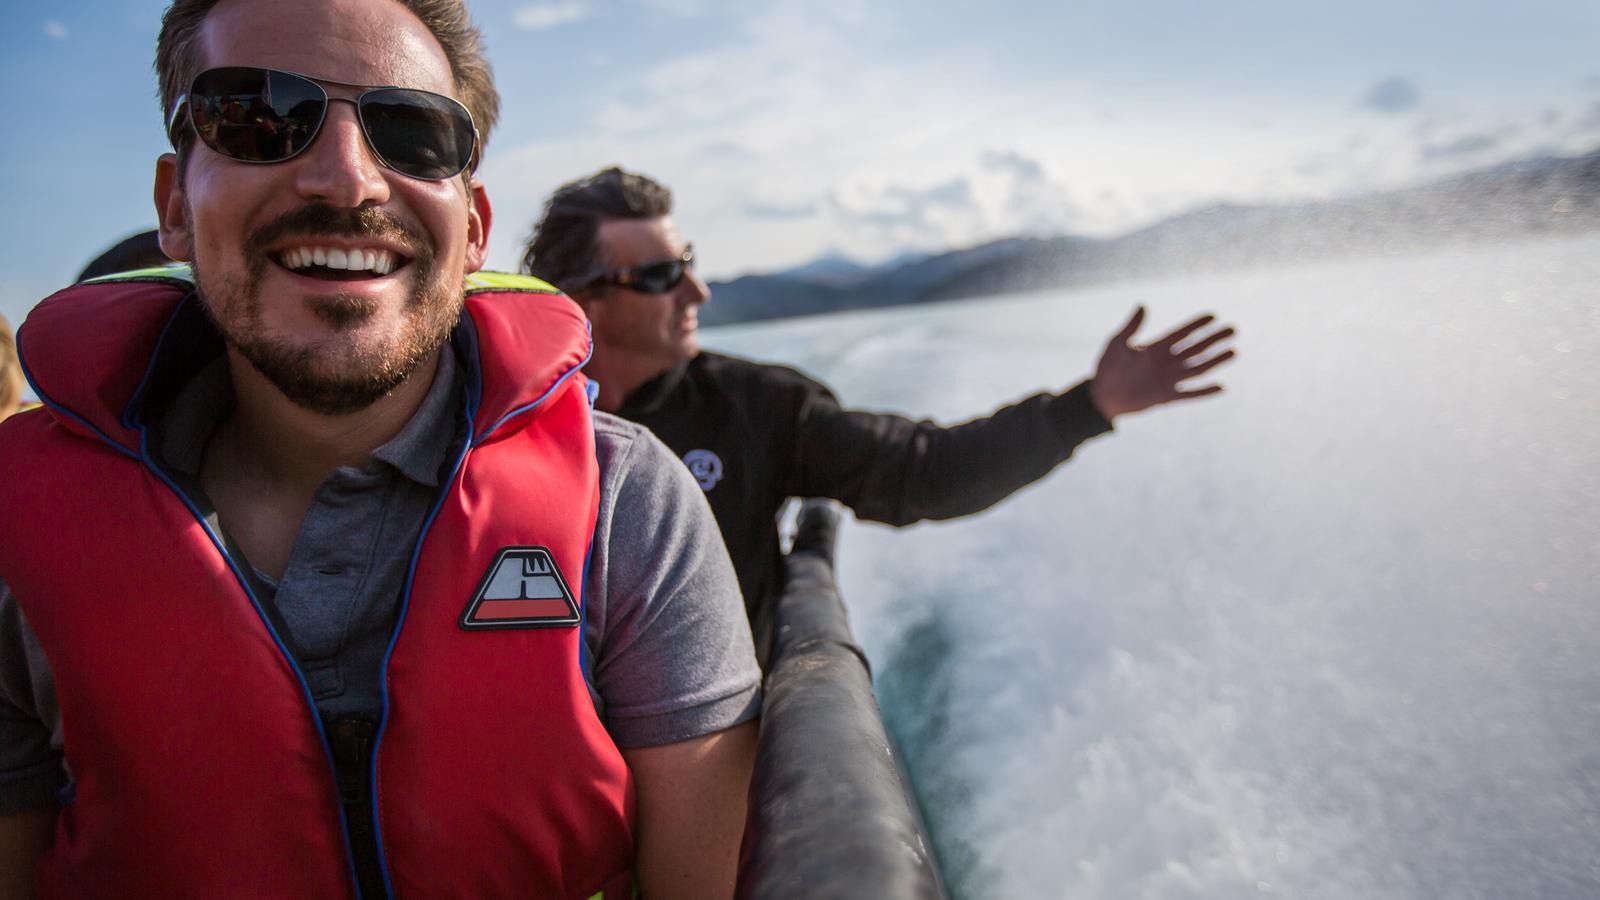 Südinsel Neuseeland aktiv erleben traveljunkies Reisen für junge Leute